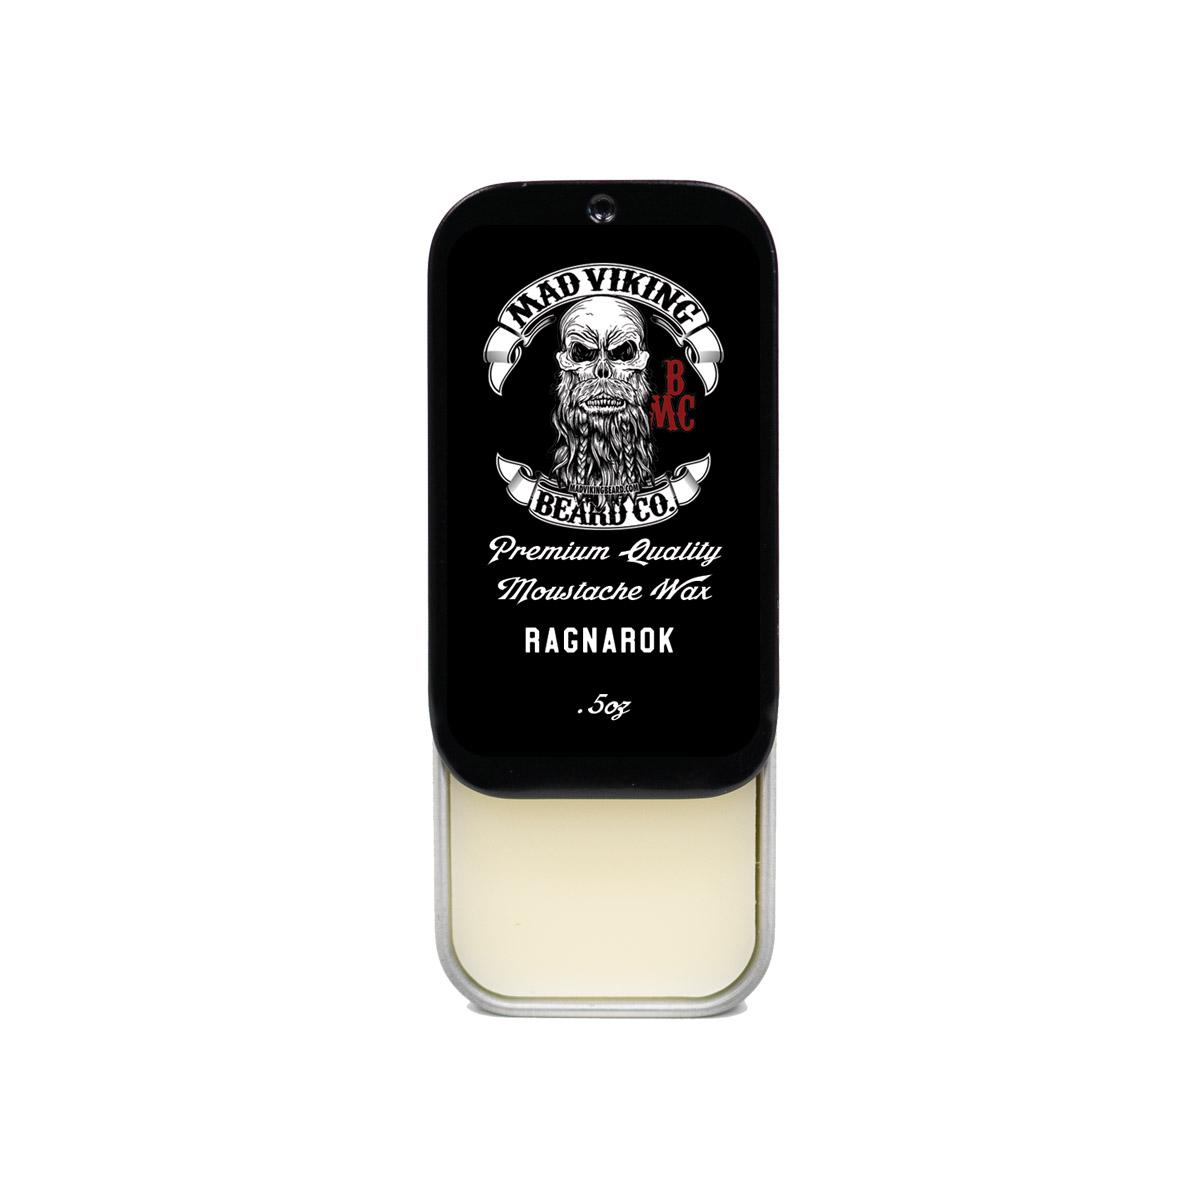 Mad Viking Ragnarok Moustache Wax slide tin